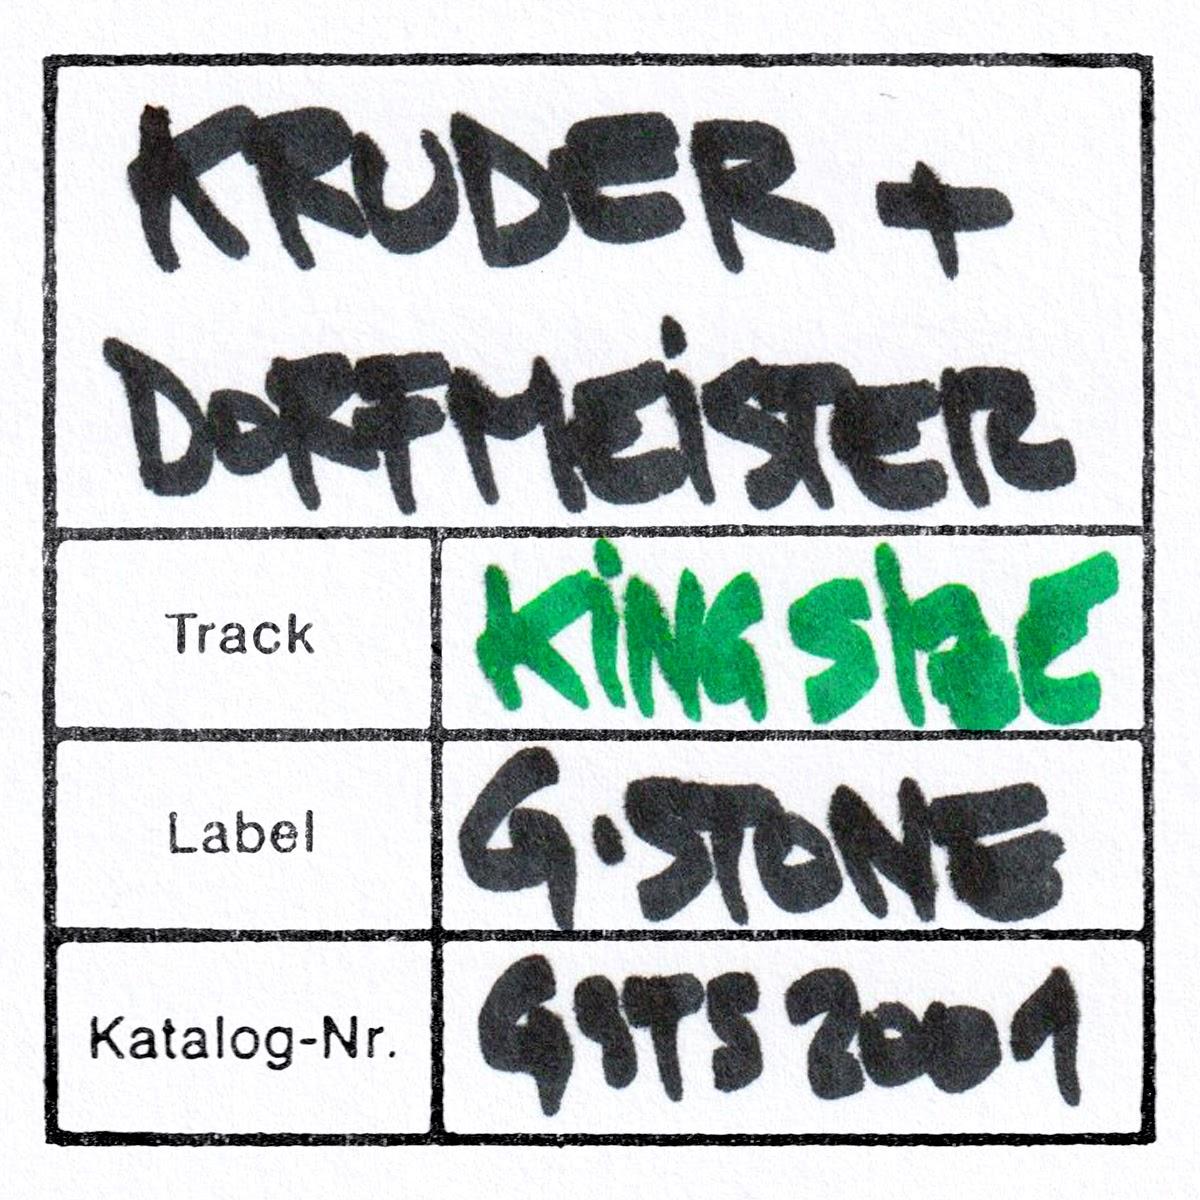 """KRUDER & DORFMEISTERS LOST ALBUM IN DEN STARTLÖCHERN - """"1995""""   HEUTE HÖREN WIR DEN SONG KING SIZE"""